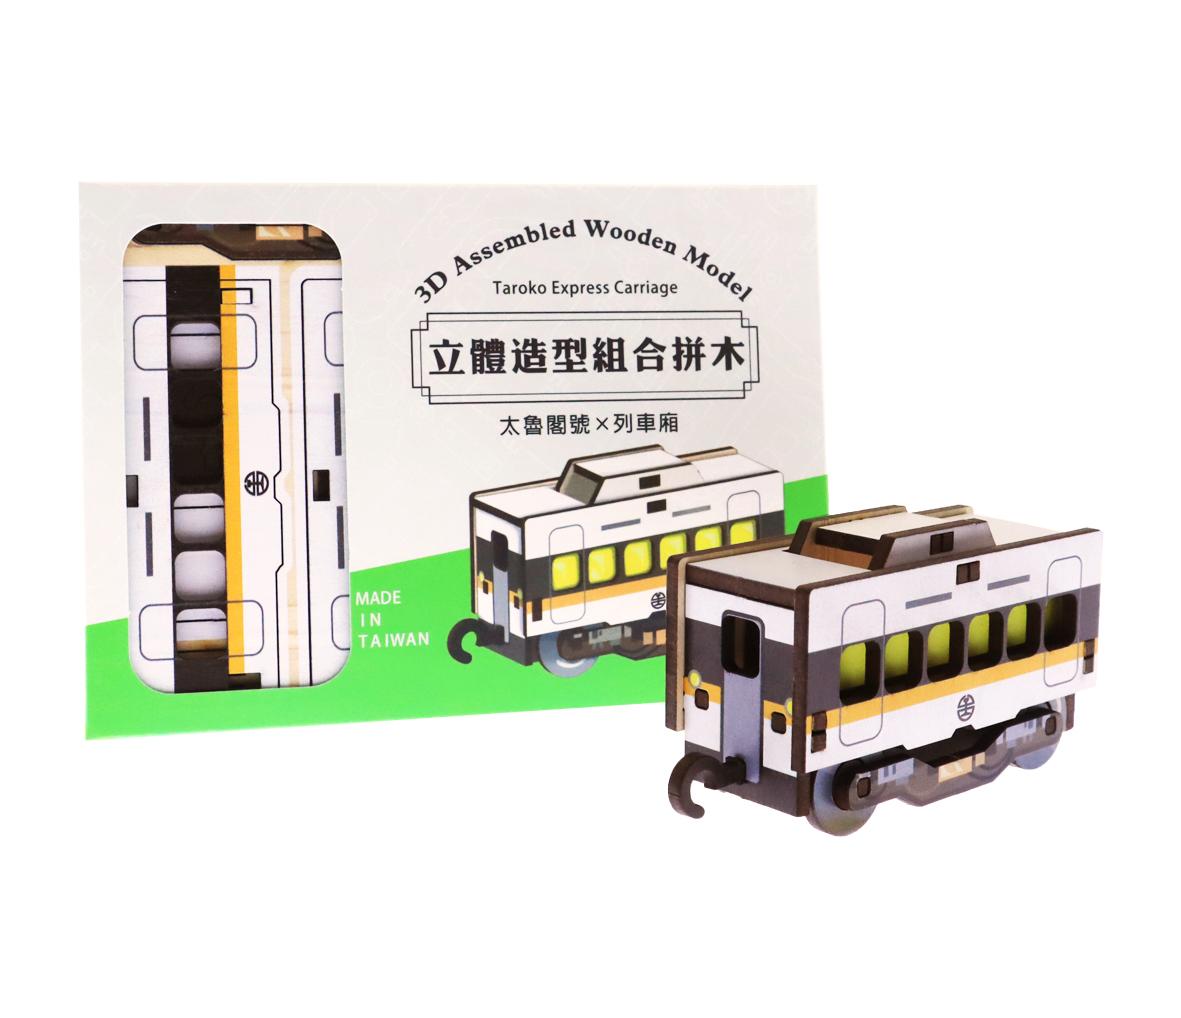 太魯閣車廂立體組合拼木圖片共2張